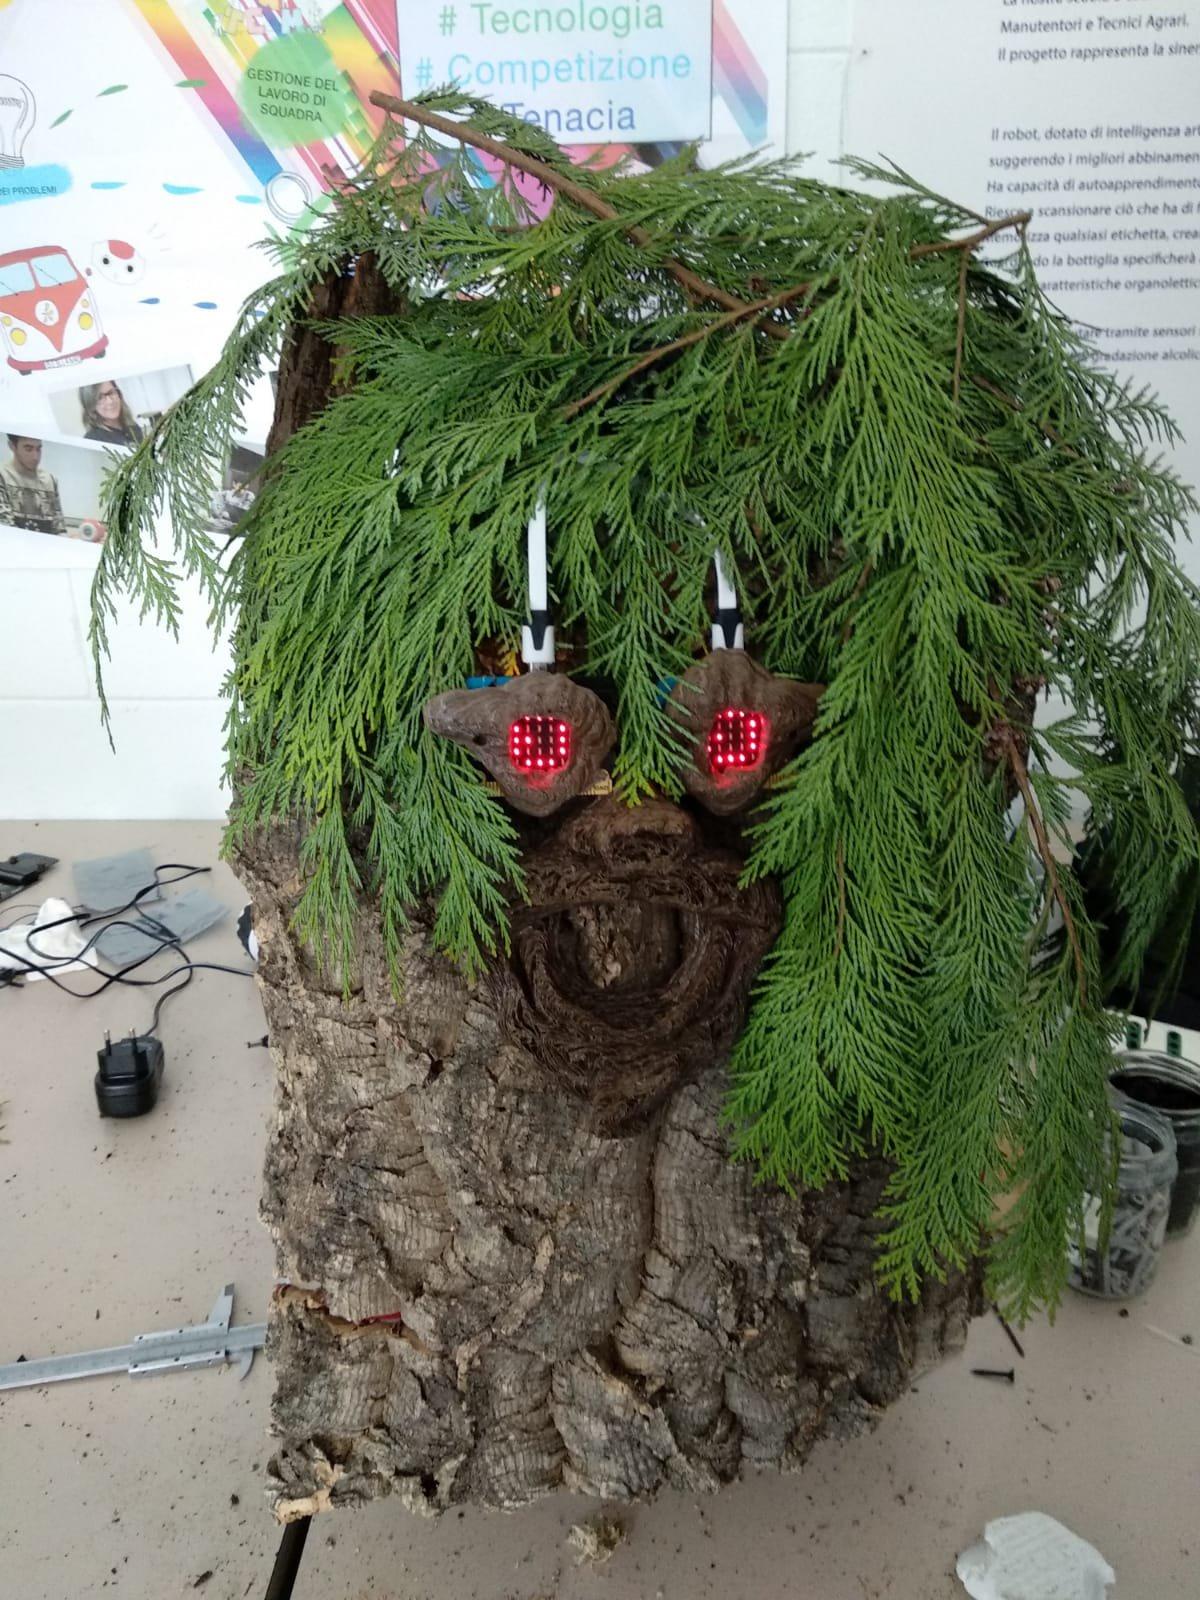 Ent, la pianta robot che aiuta il pianeta